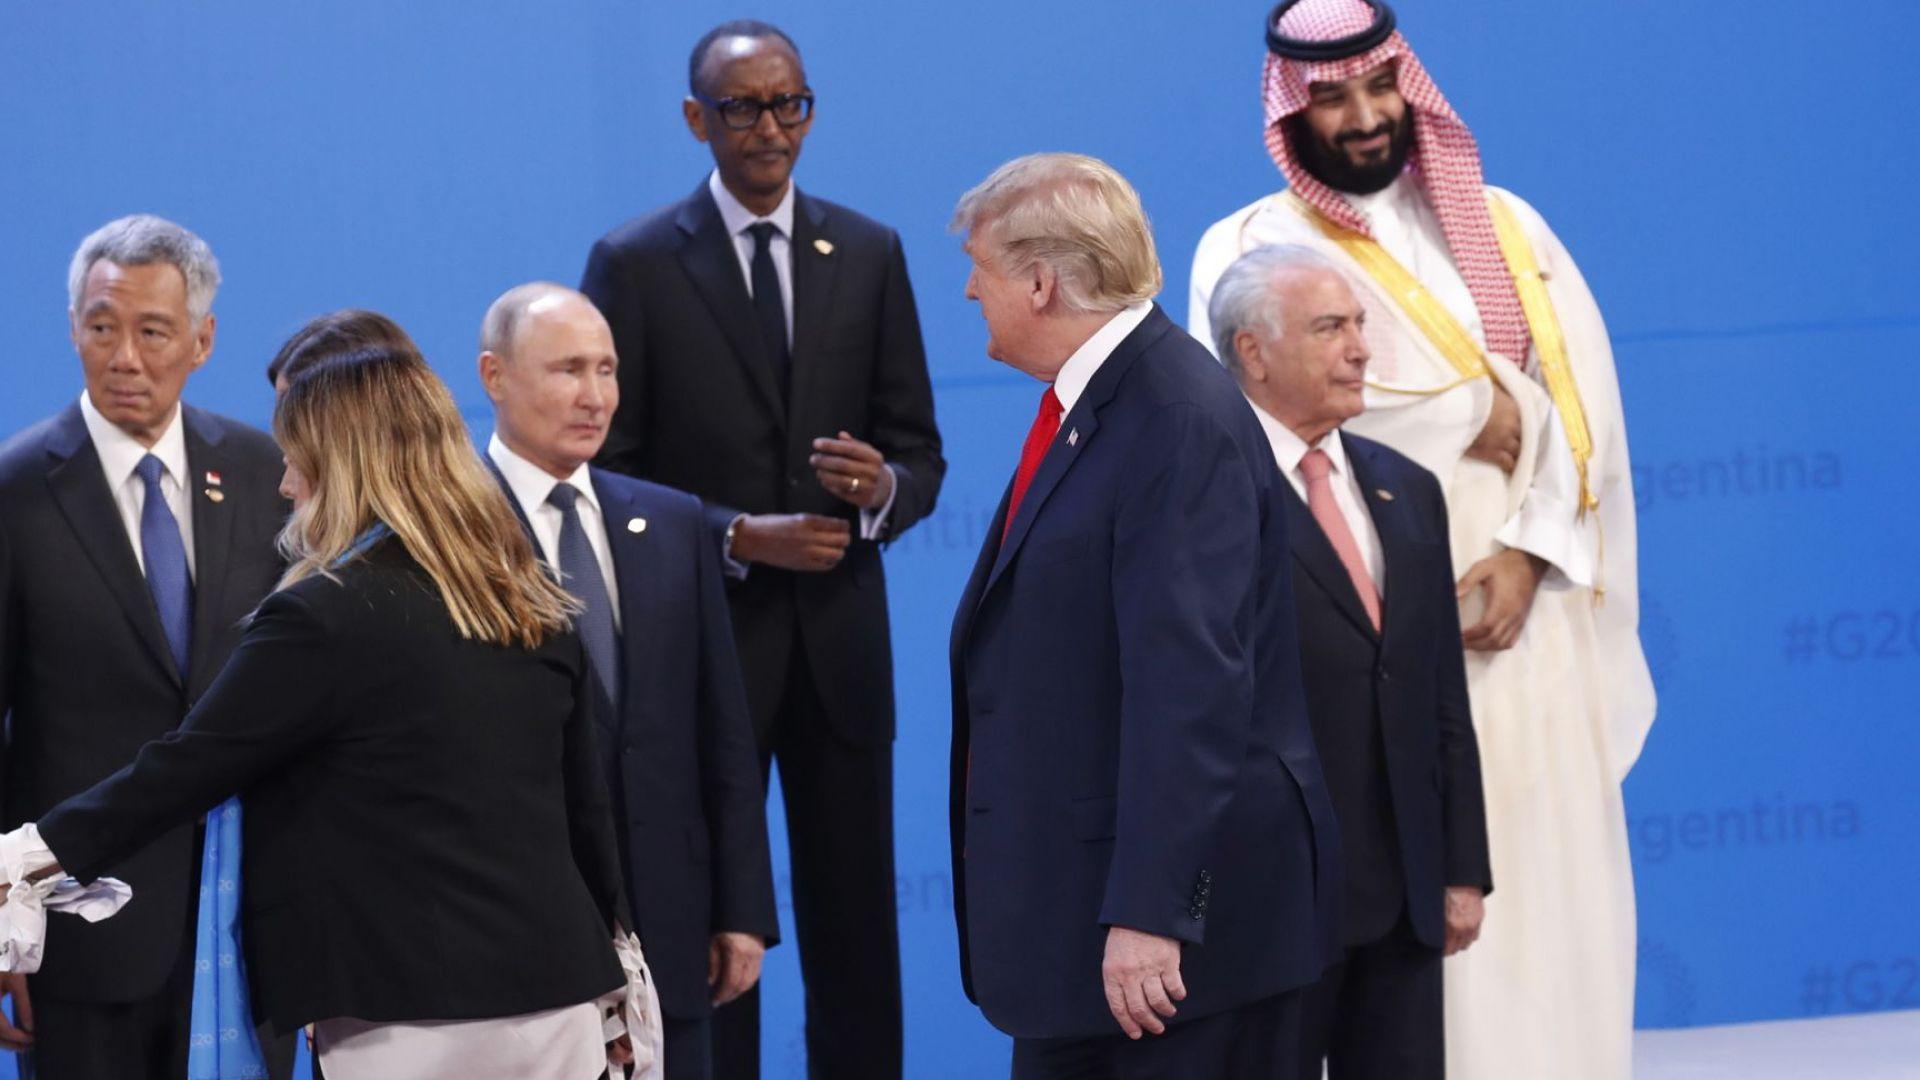 Тръмп и Путин не се ръкуваха преди общата снимка на Г – 20